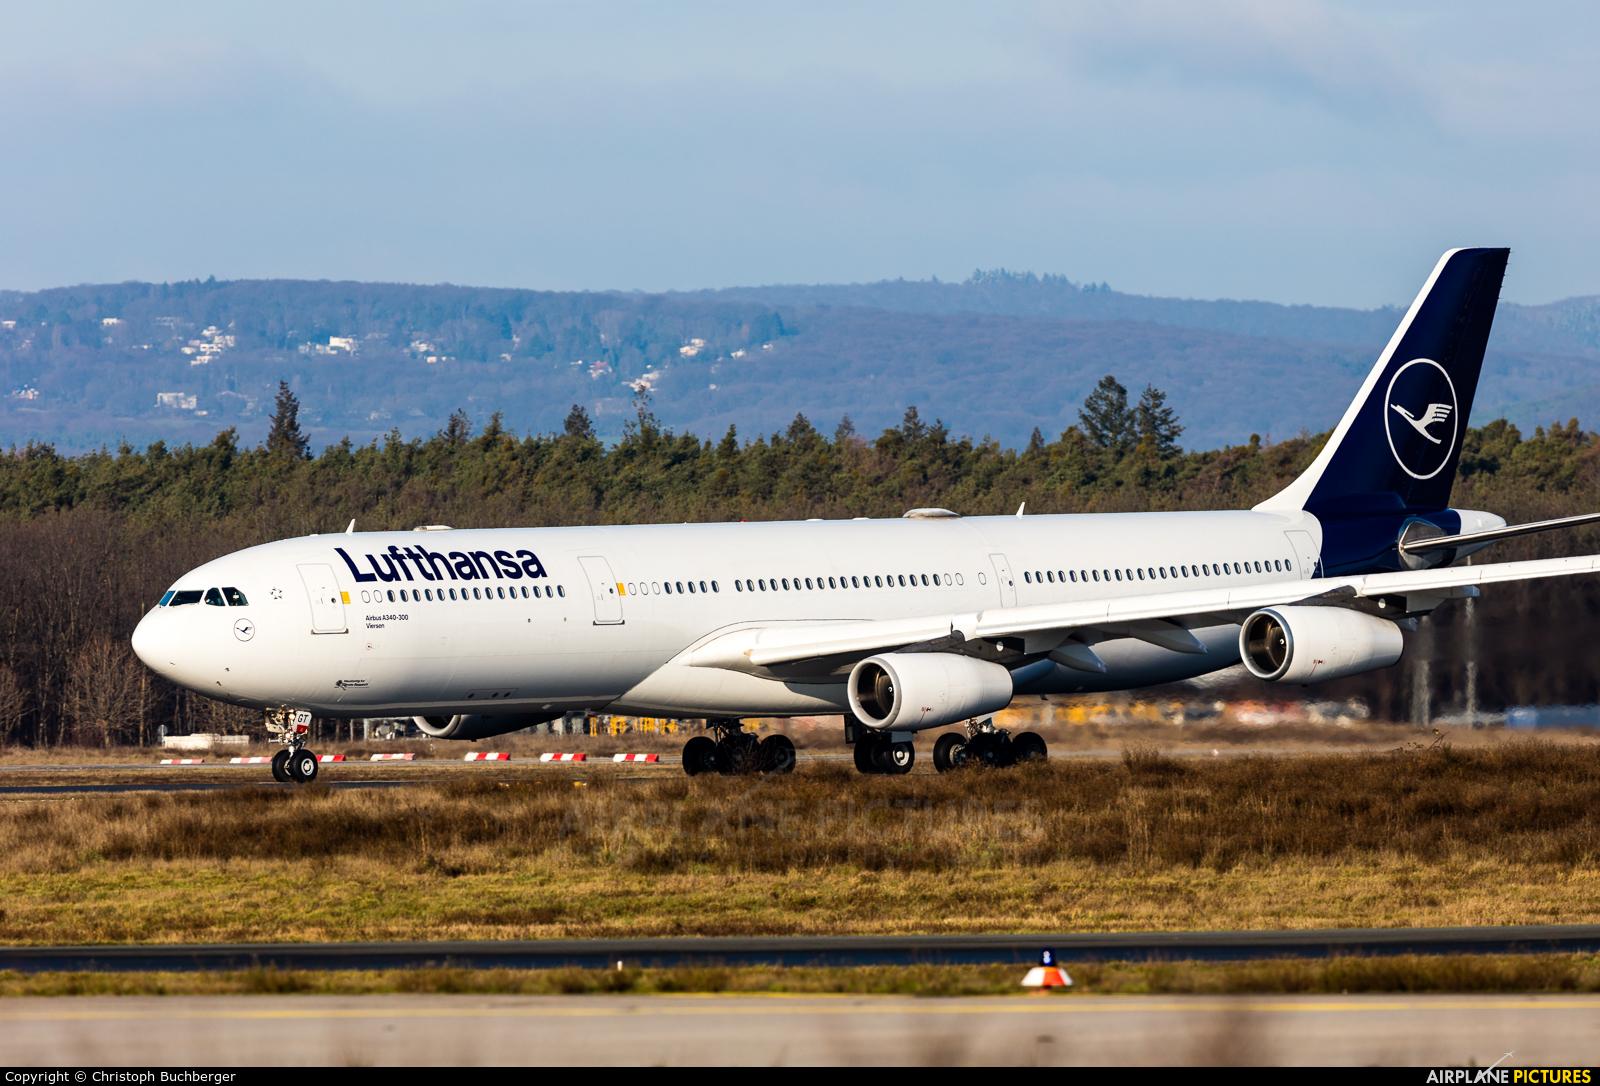 Lufthansa D-AIGT aircraft at Frankfurt